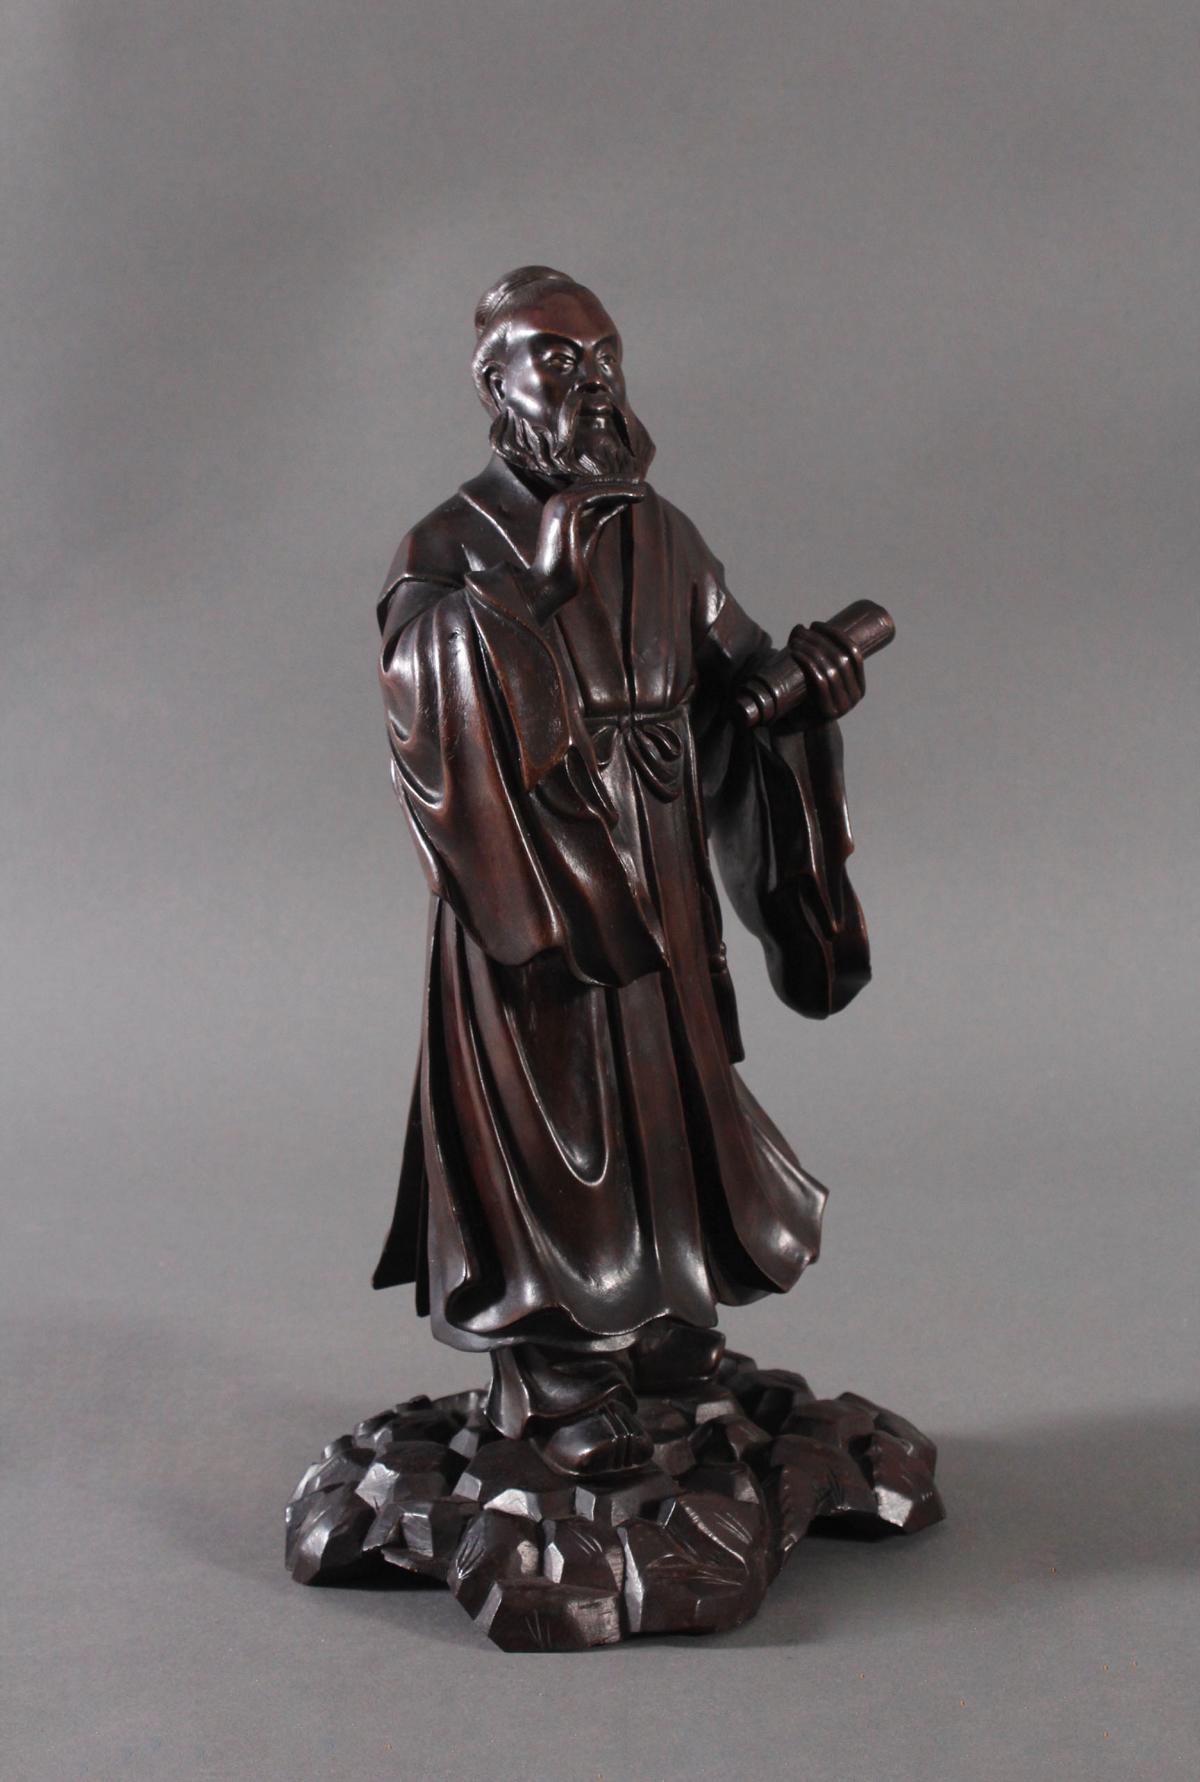 Chinesische Holzskulptur, 'Gelehrter', um 1880-2